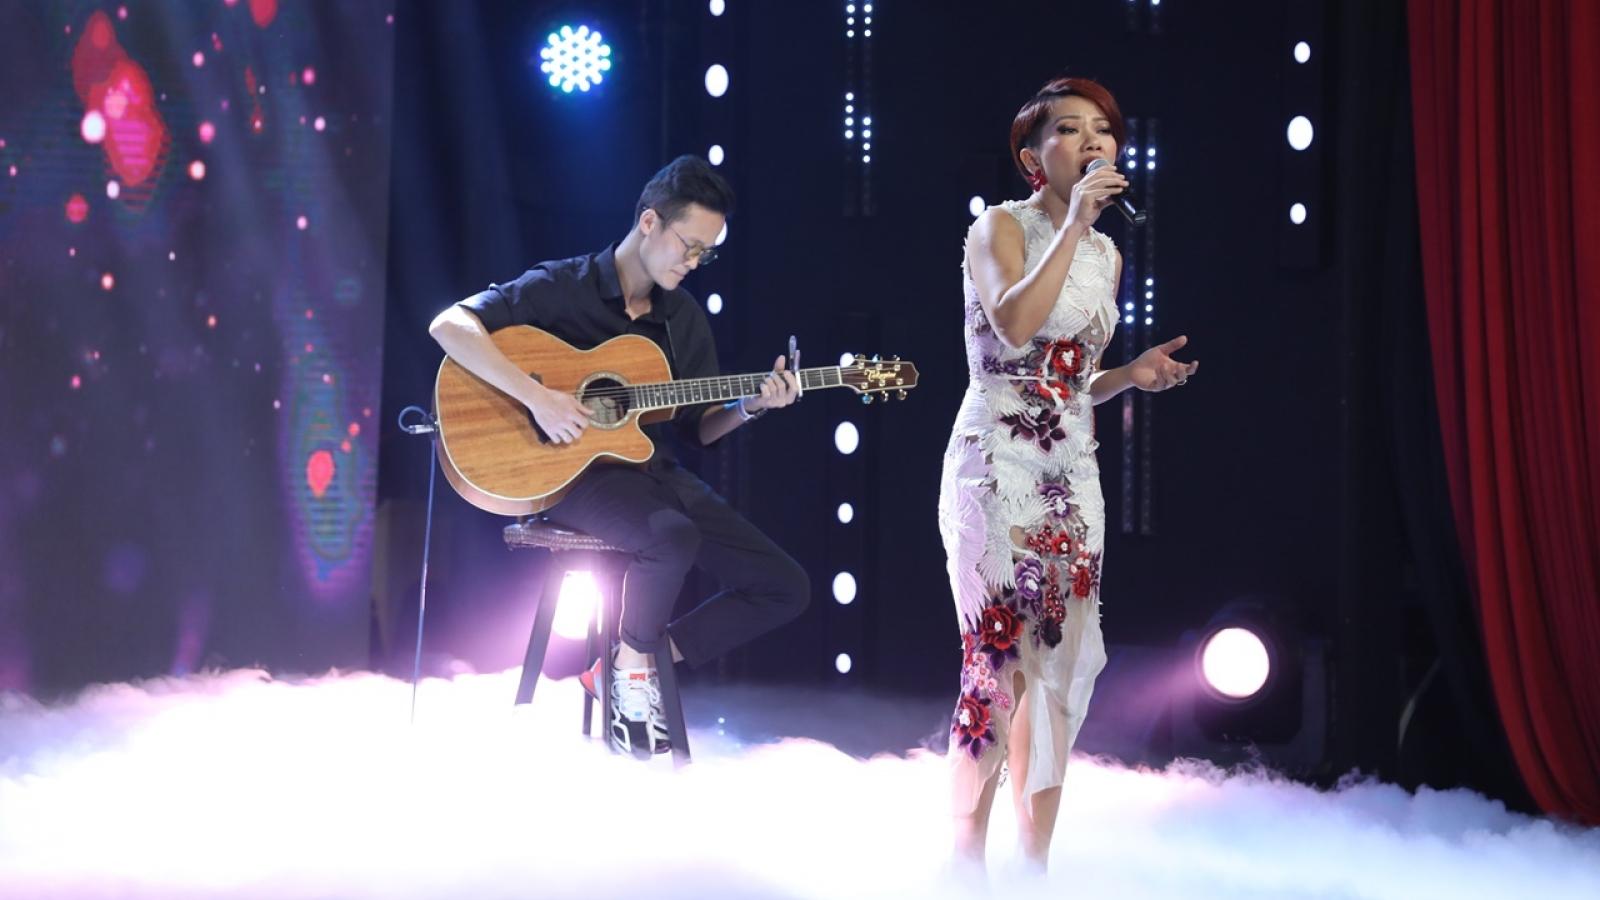 Hà Trần chìm đắm trong cảm xúc với liên khúc của nhạc sĩ Trần Tiến